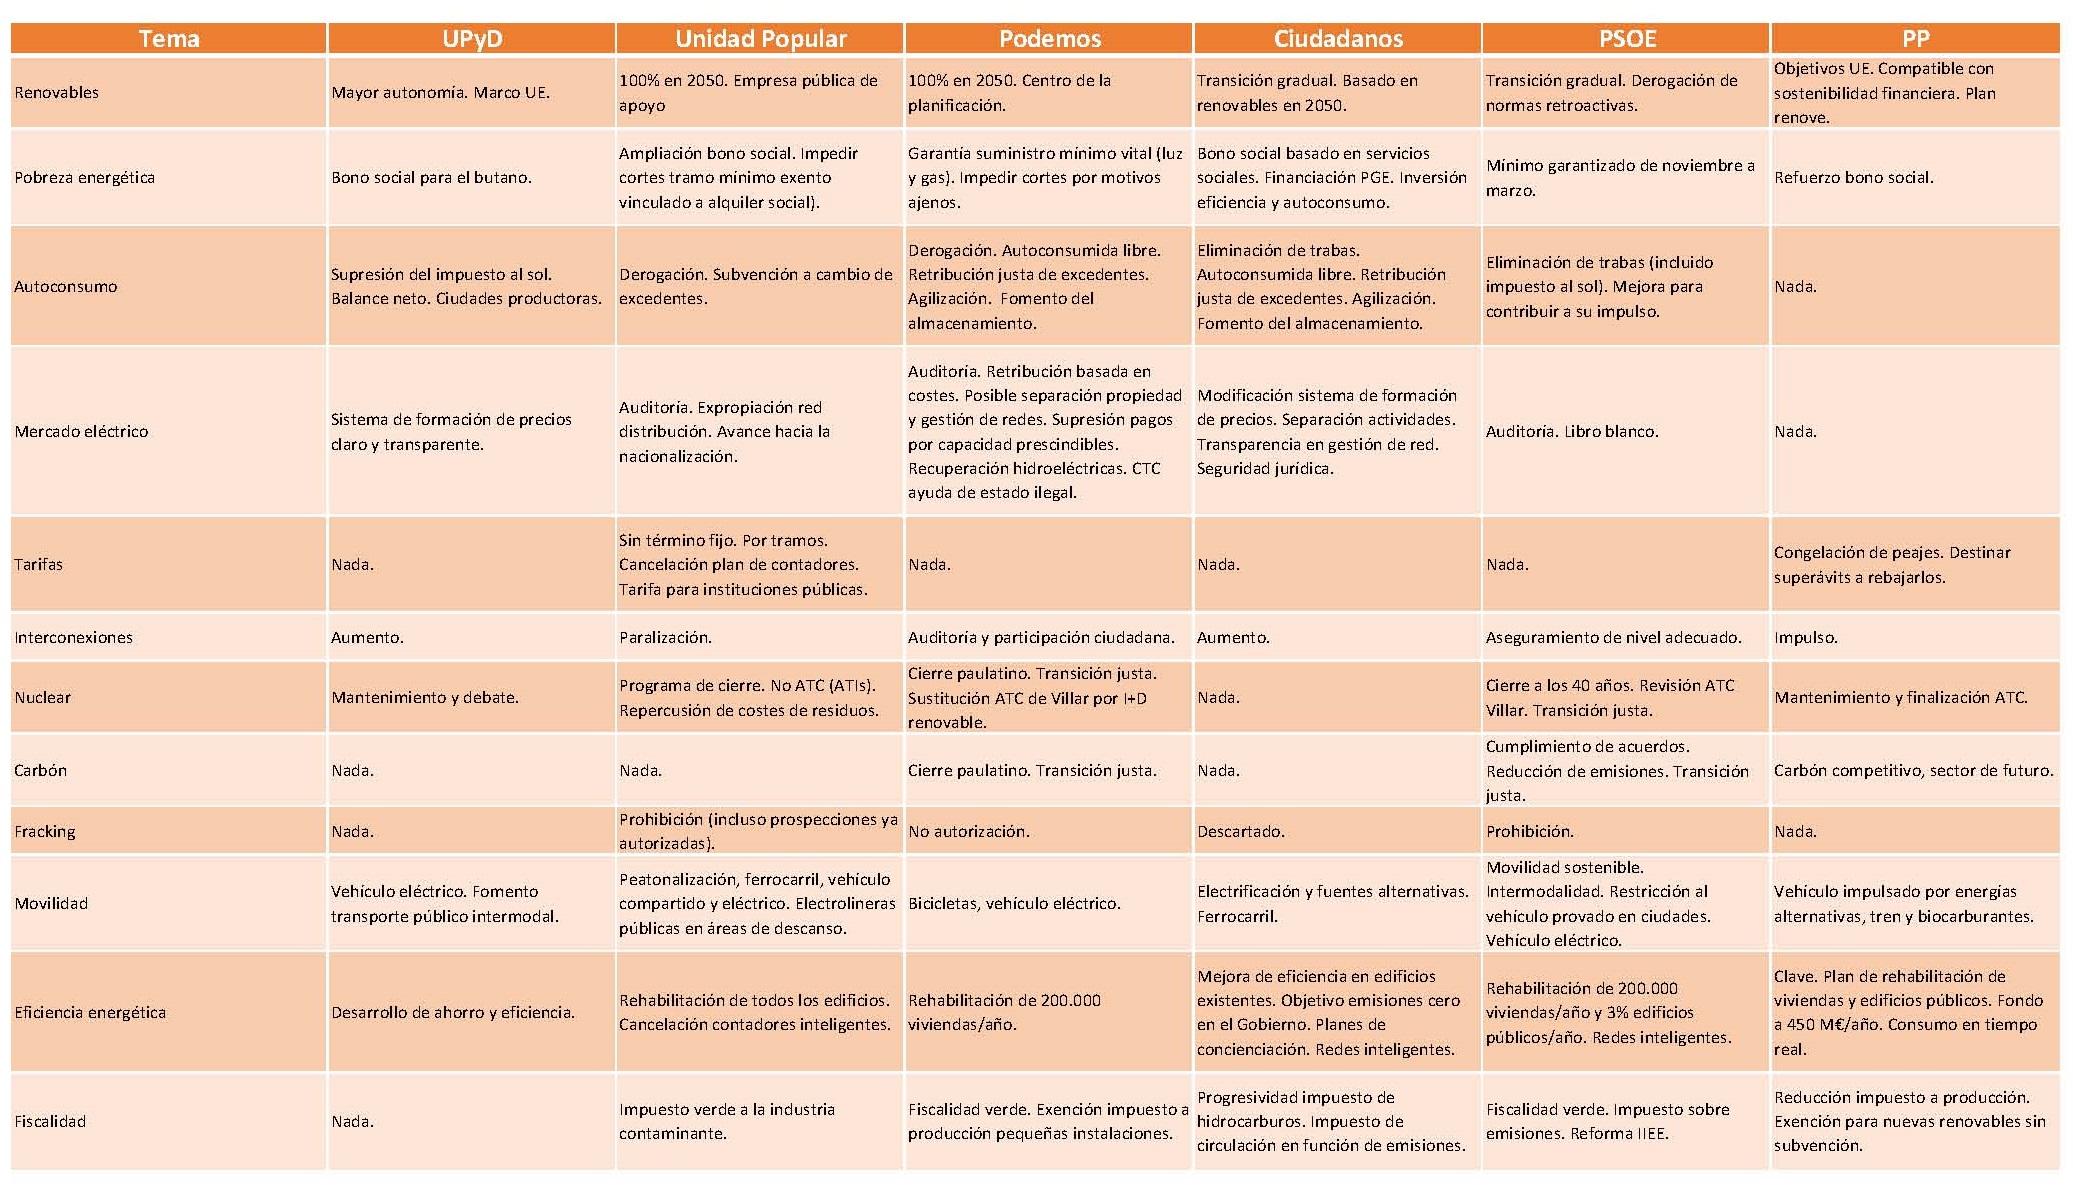 Comparativa generales 2015